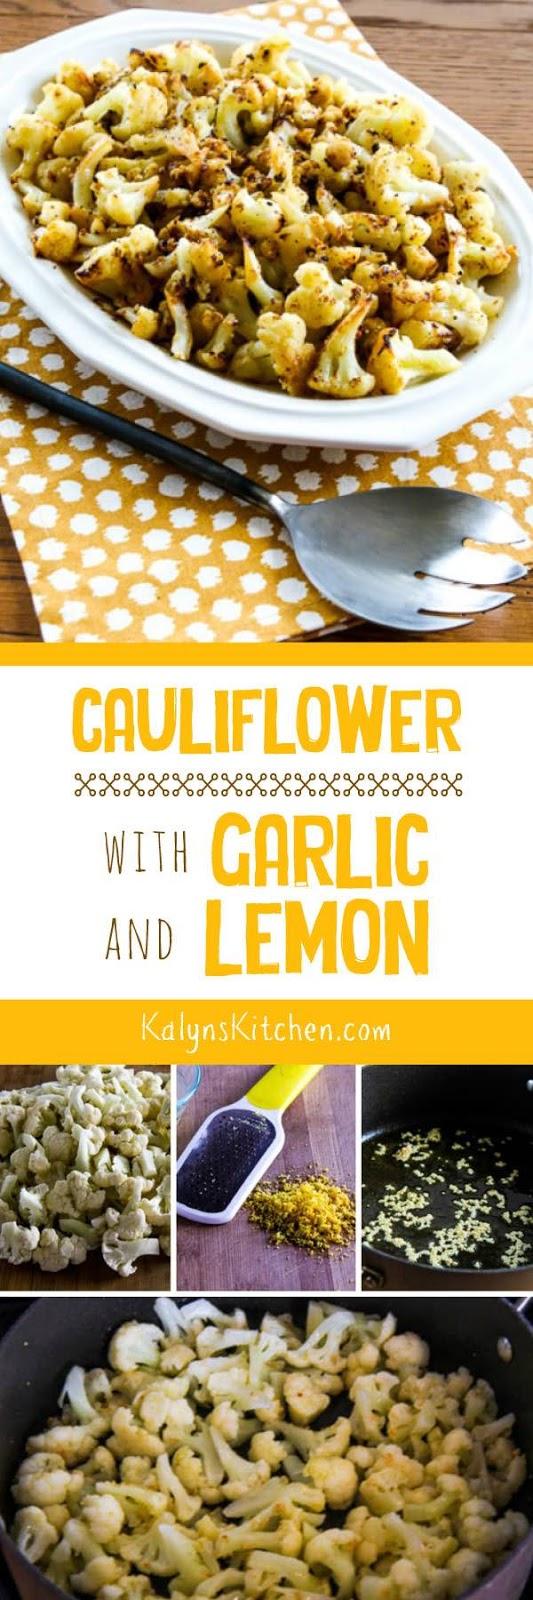 Cauliflower with Garlic and Lemon found on KalynsKitchen.com